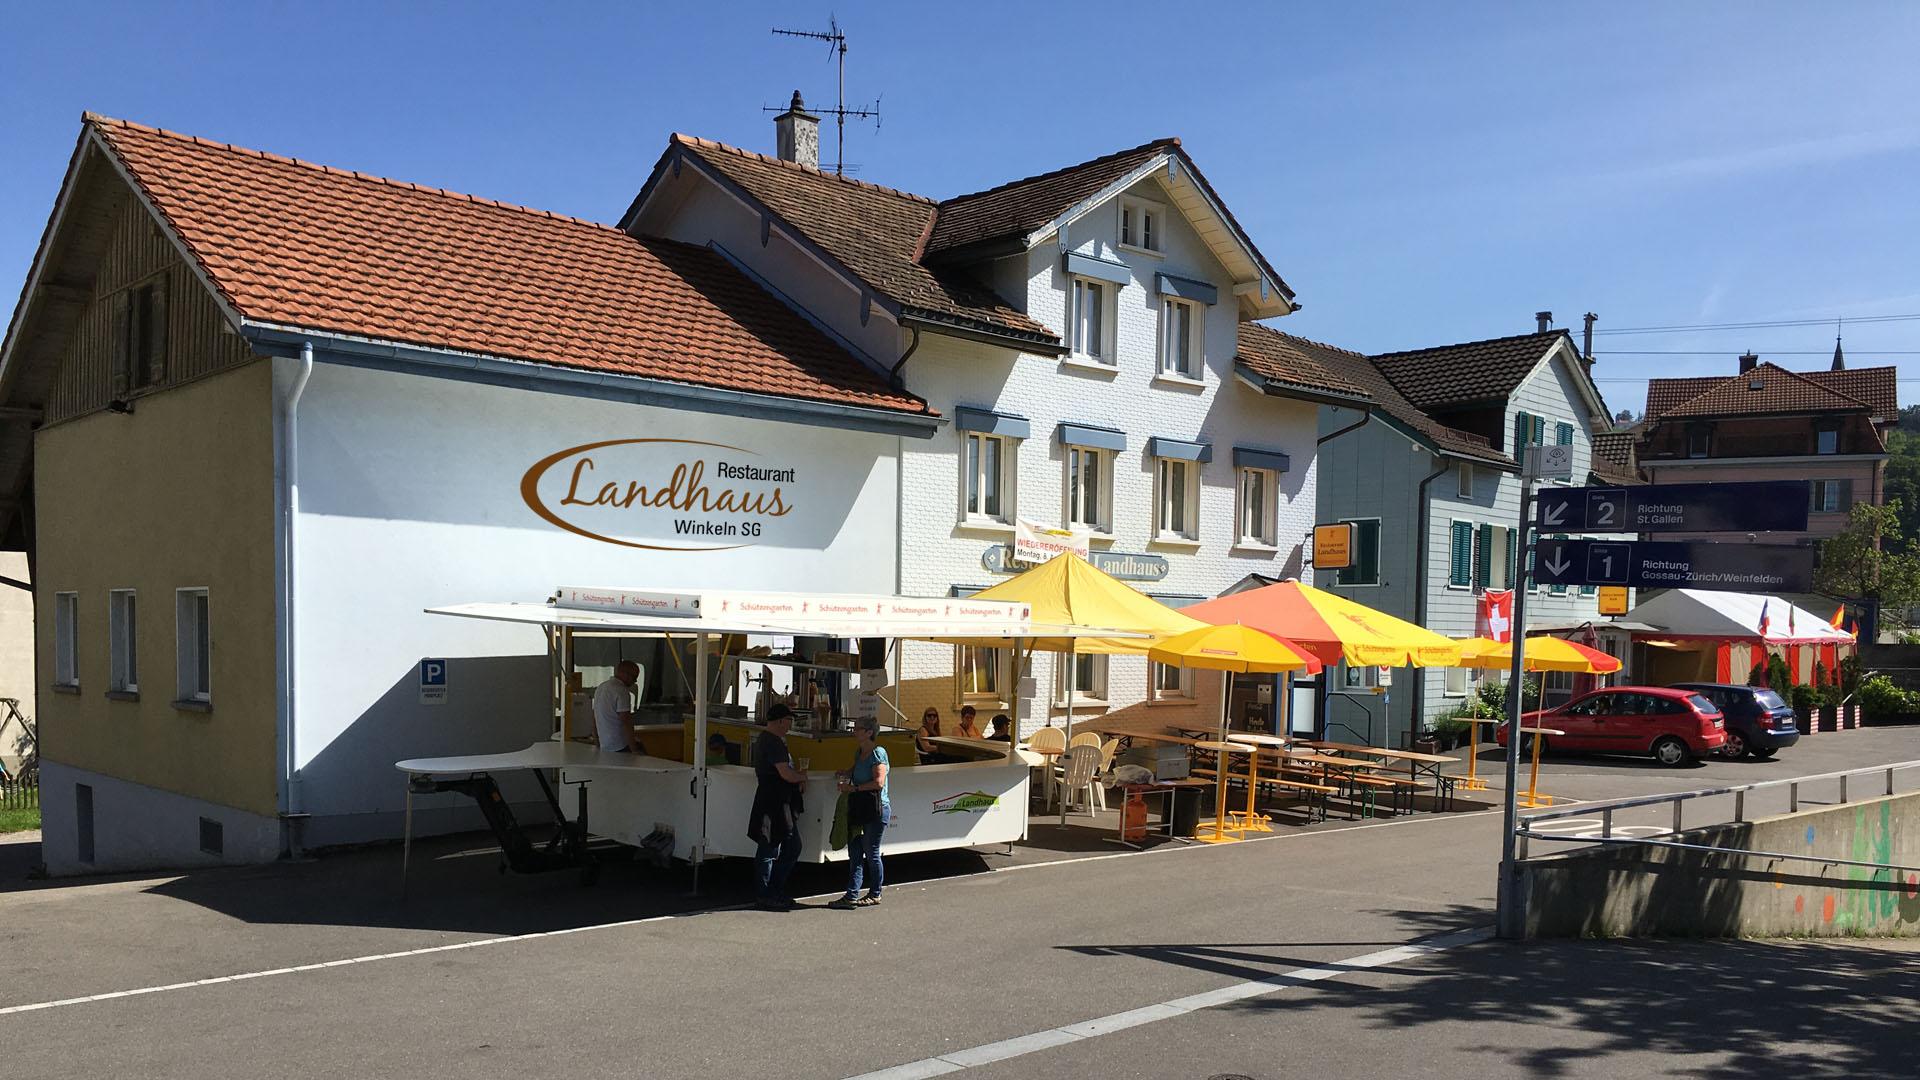 landhaus winkeln st. gallen